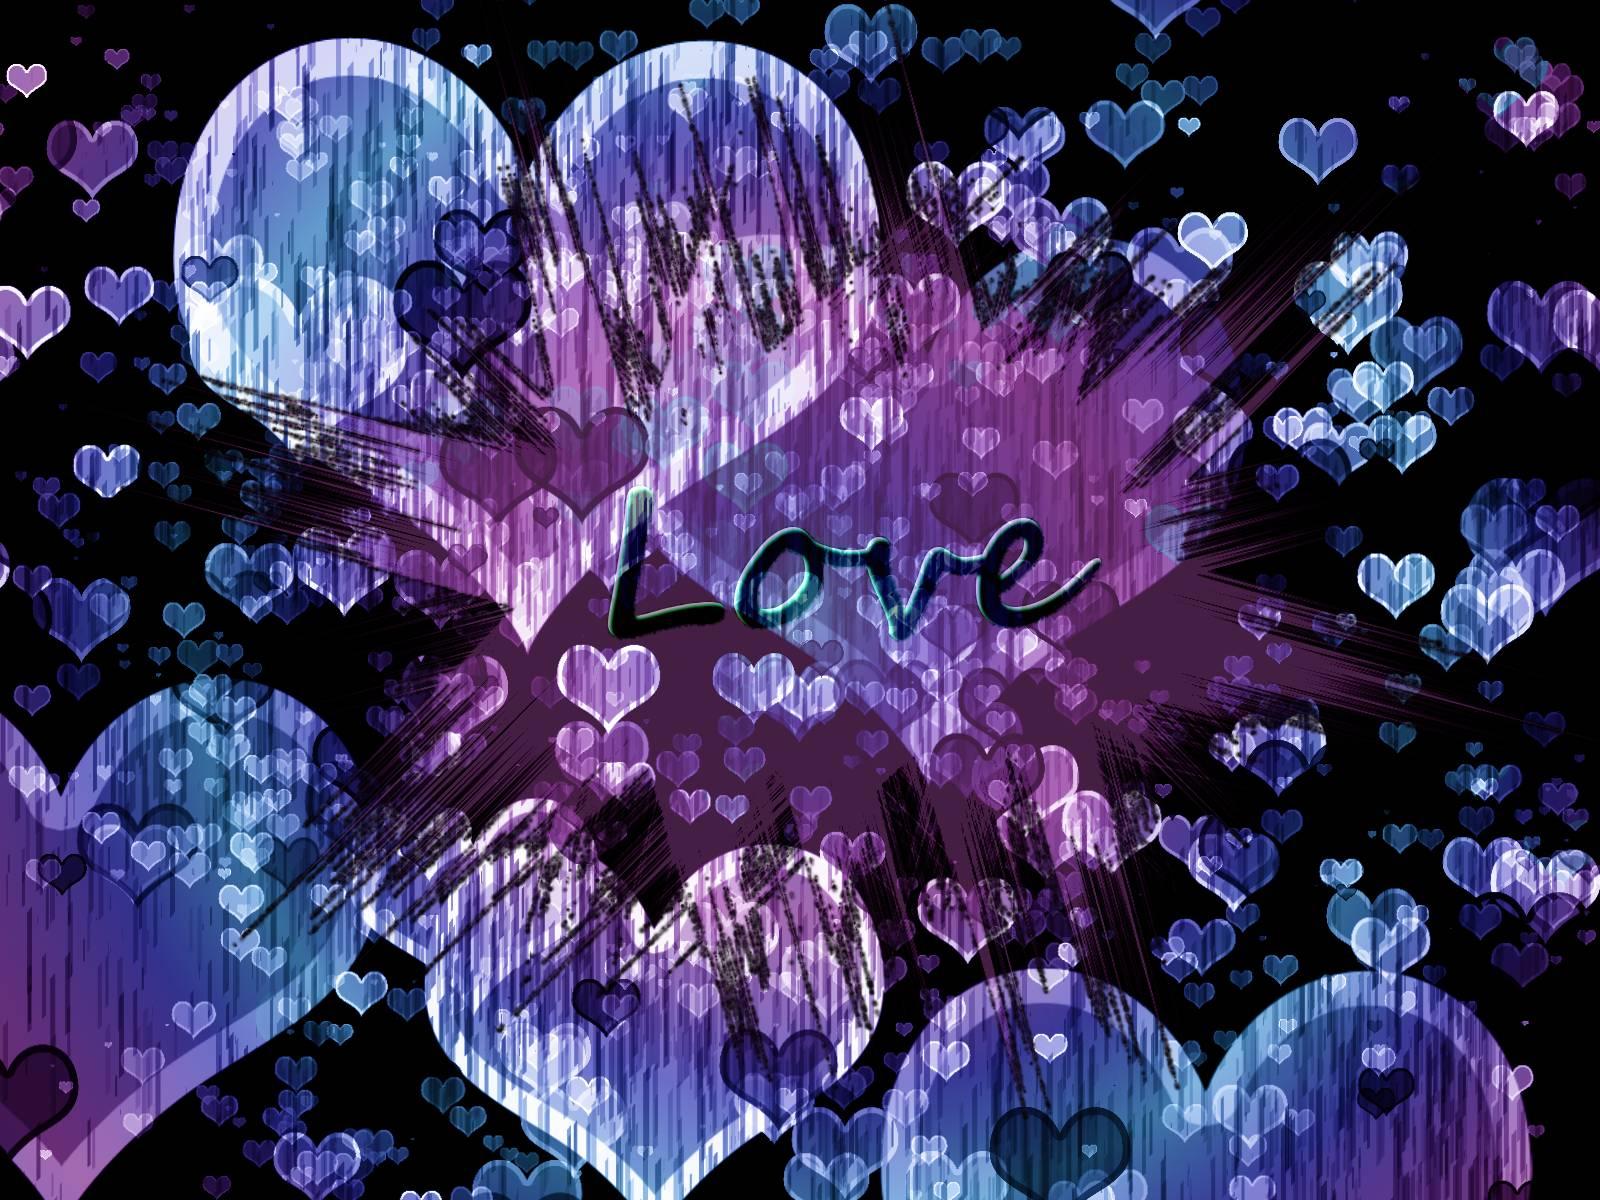 Love Desktop Wallpaper Full Hd: Purple Love Wallpapers